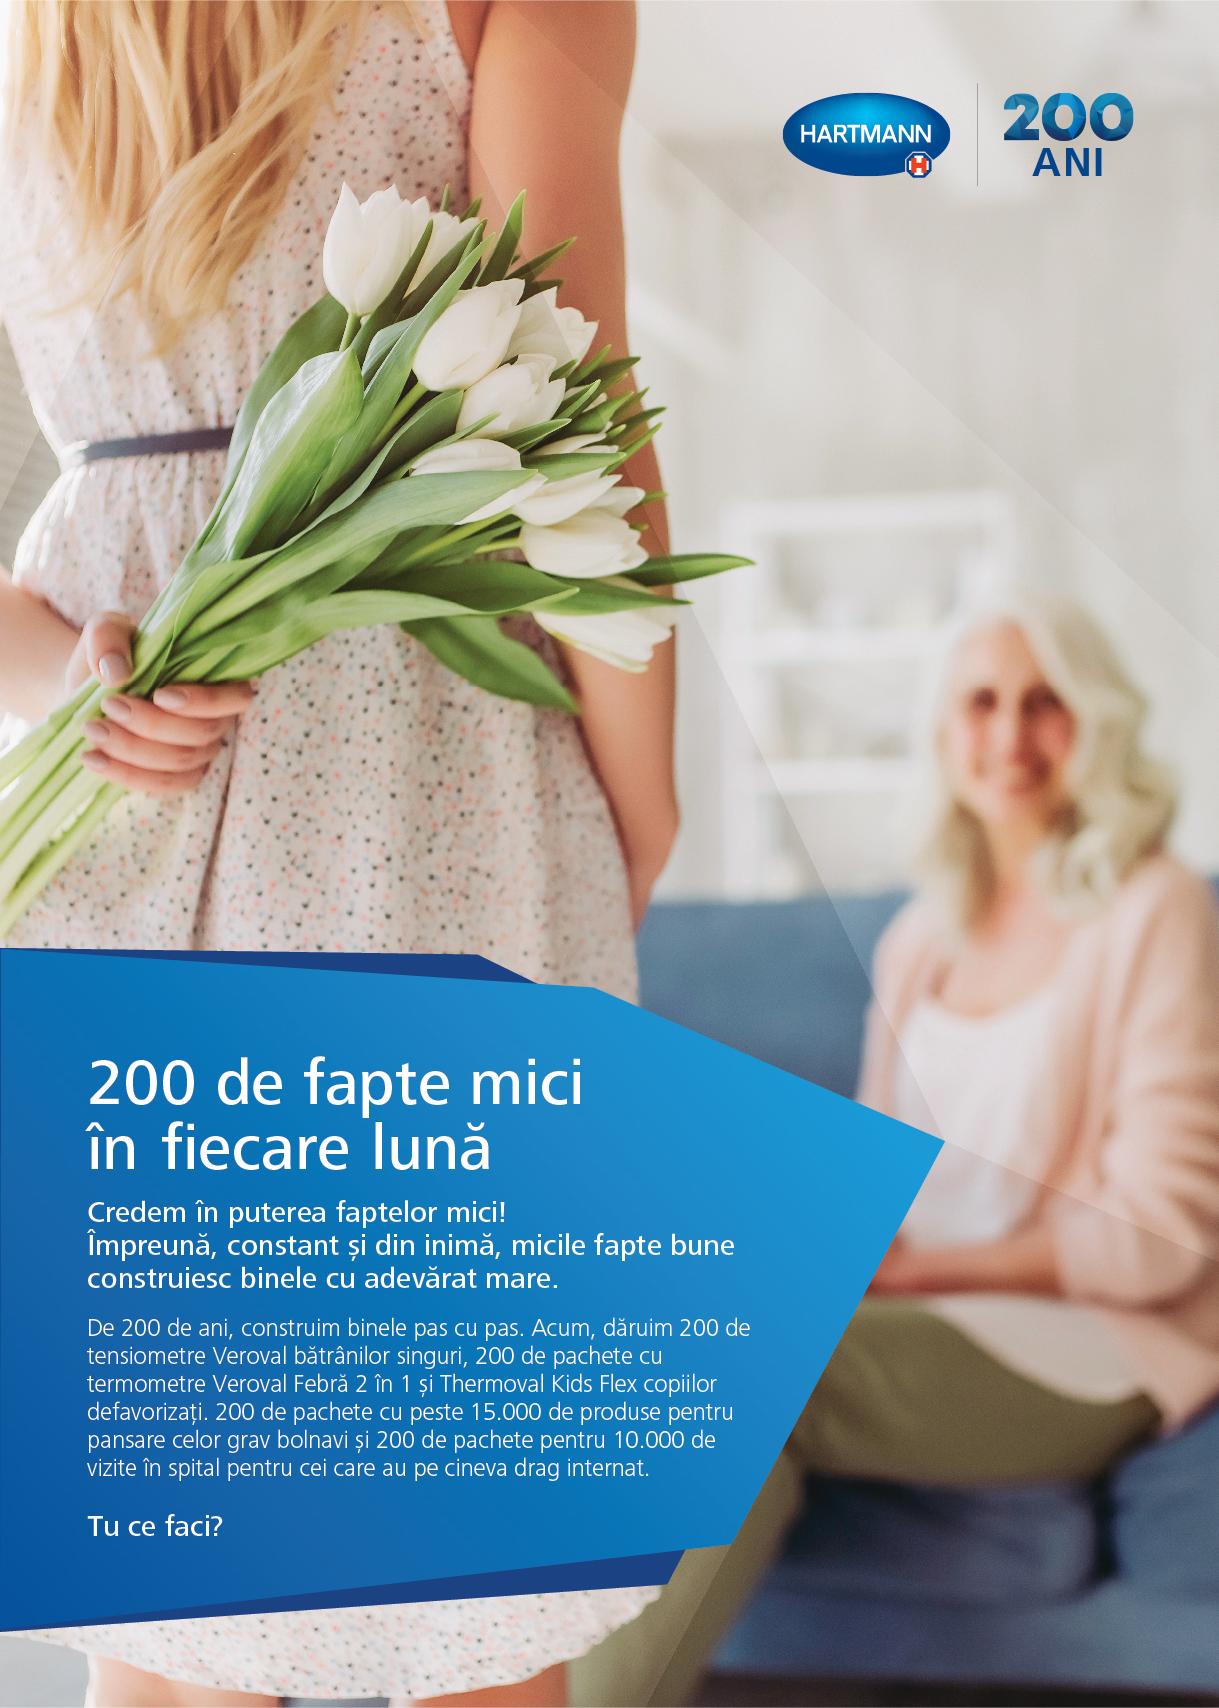 """Campania """"200 de fapte mici în fiecare lună""""  vine în sprijinul celor aflați în situații vulnerabile"""